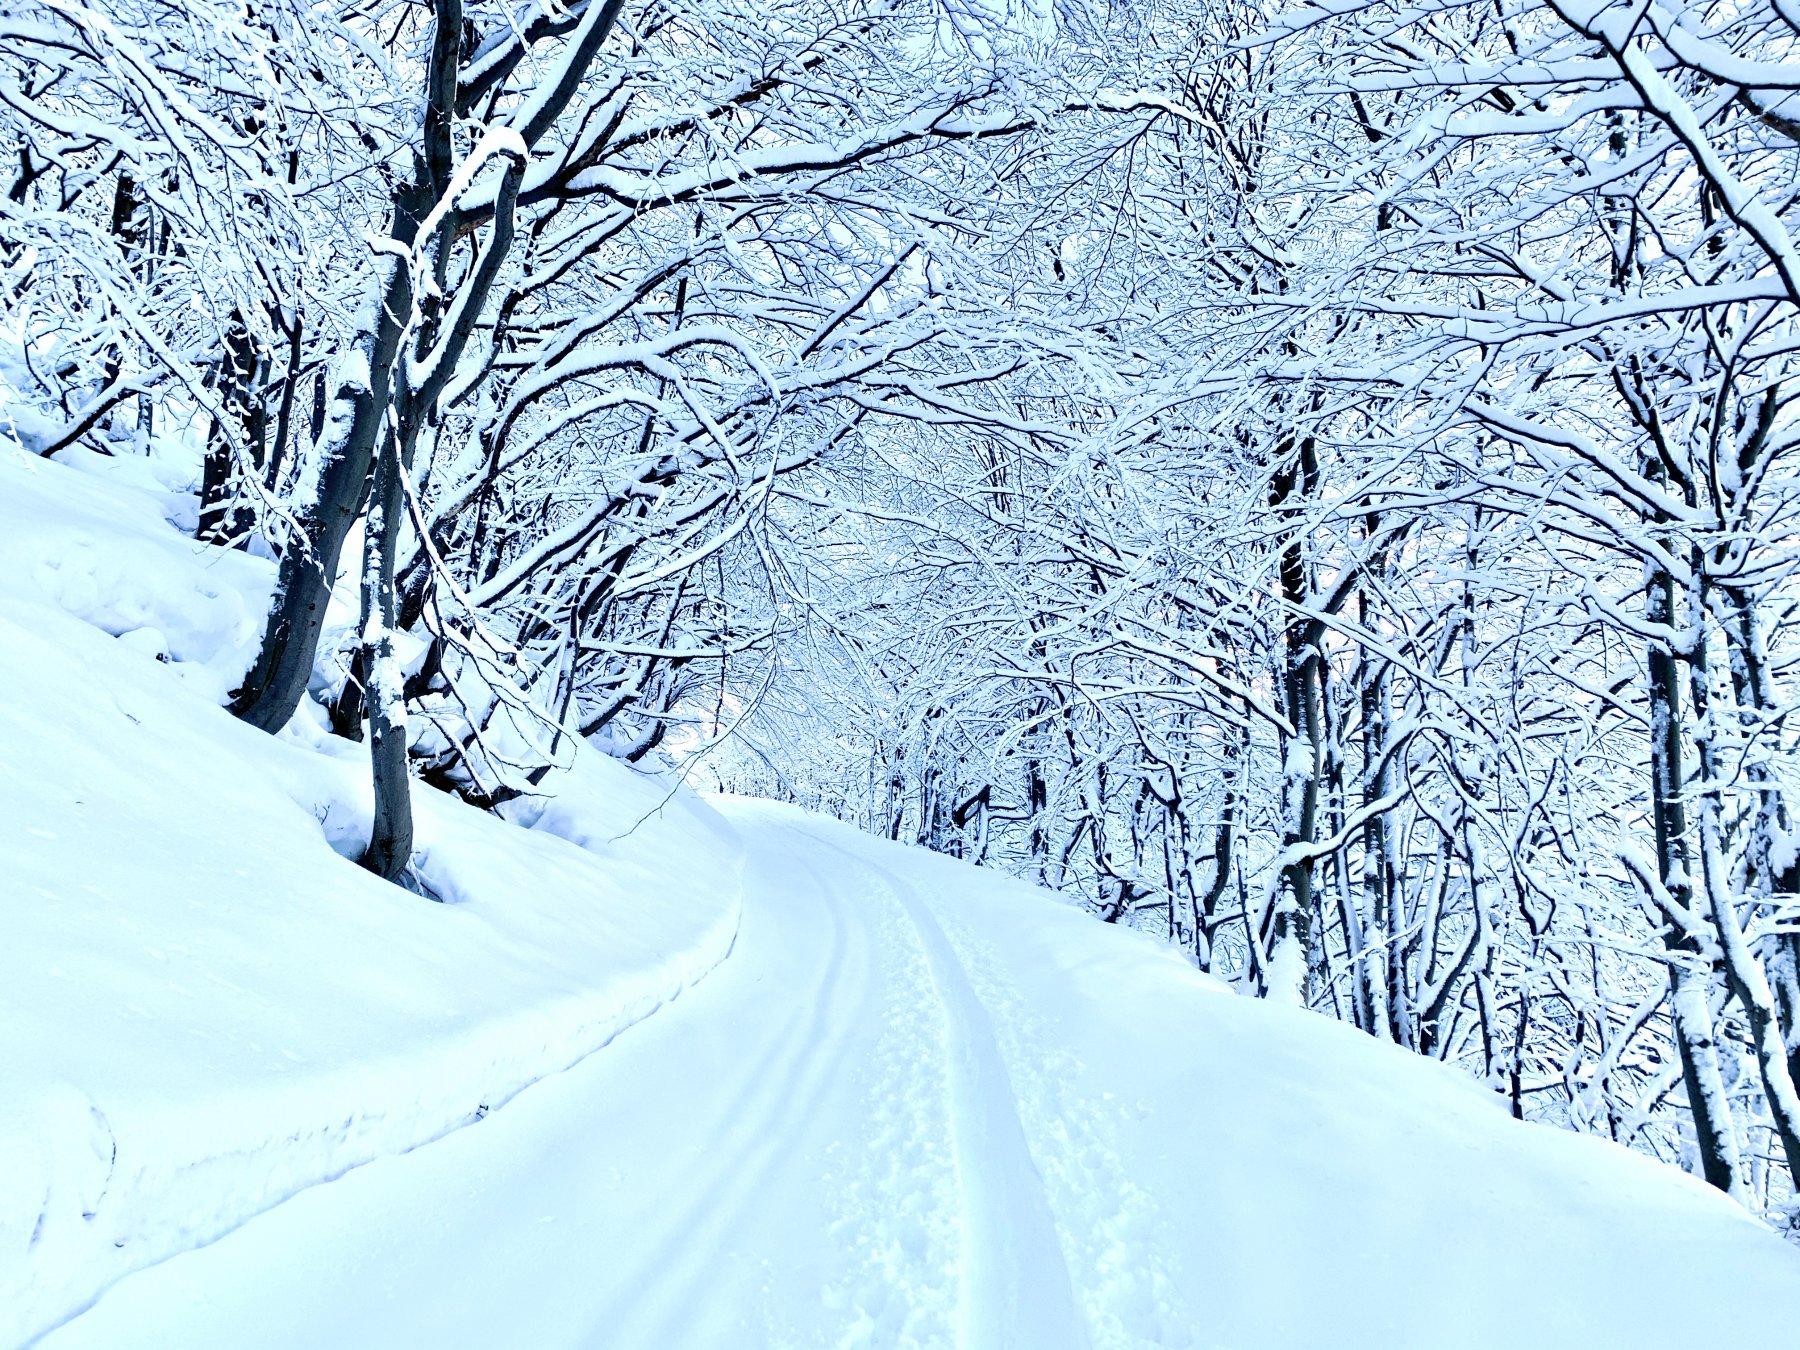 la partenza dopo la nevicata